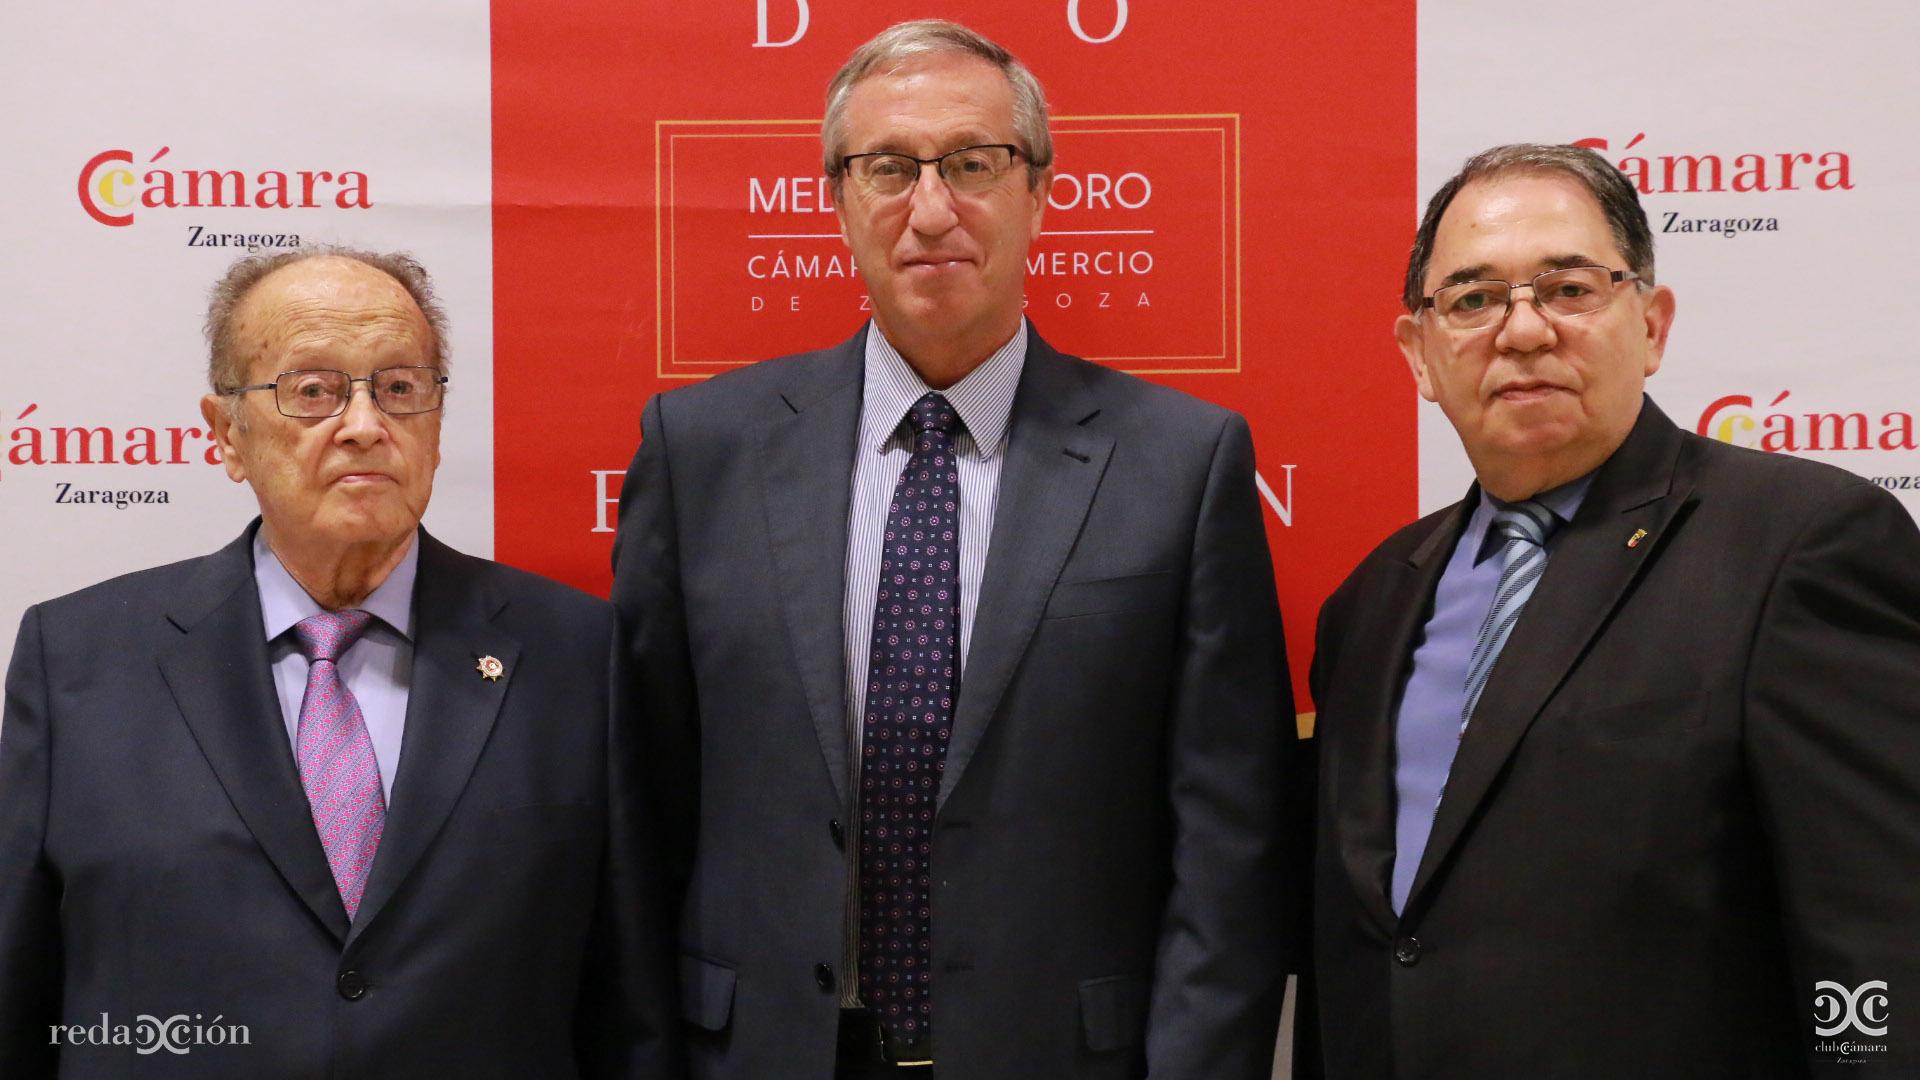 Francisco Bentué, Francisco Bentué, Joaquín Soguero